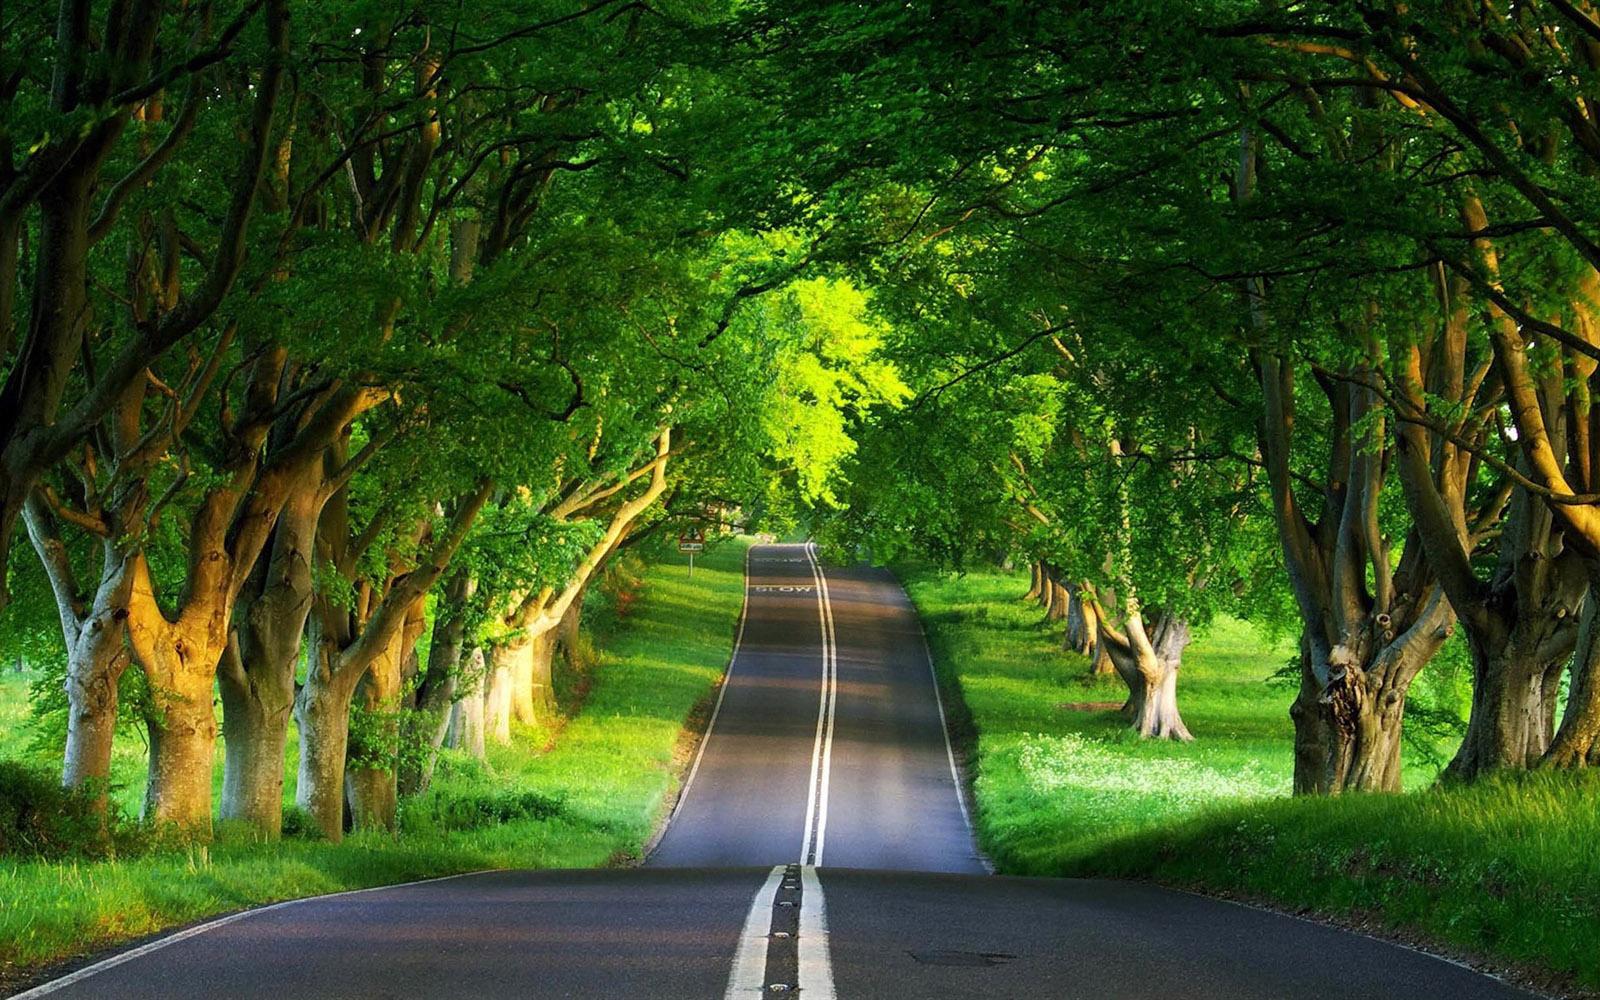 Download Cool Beautiful Nature Road Wallpaper | Full HD Wallpapers